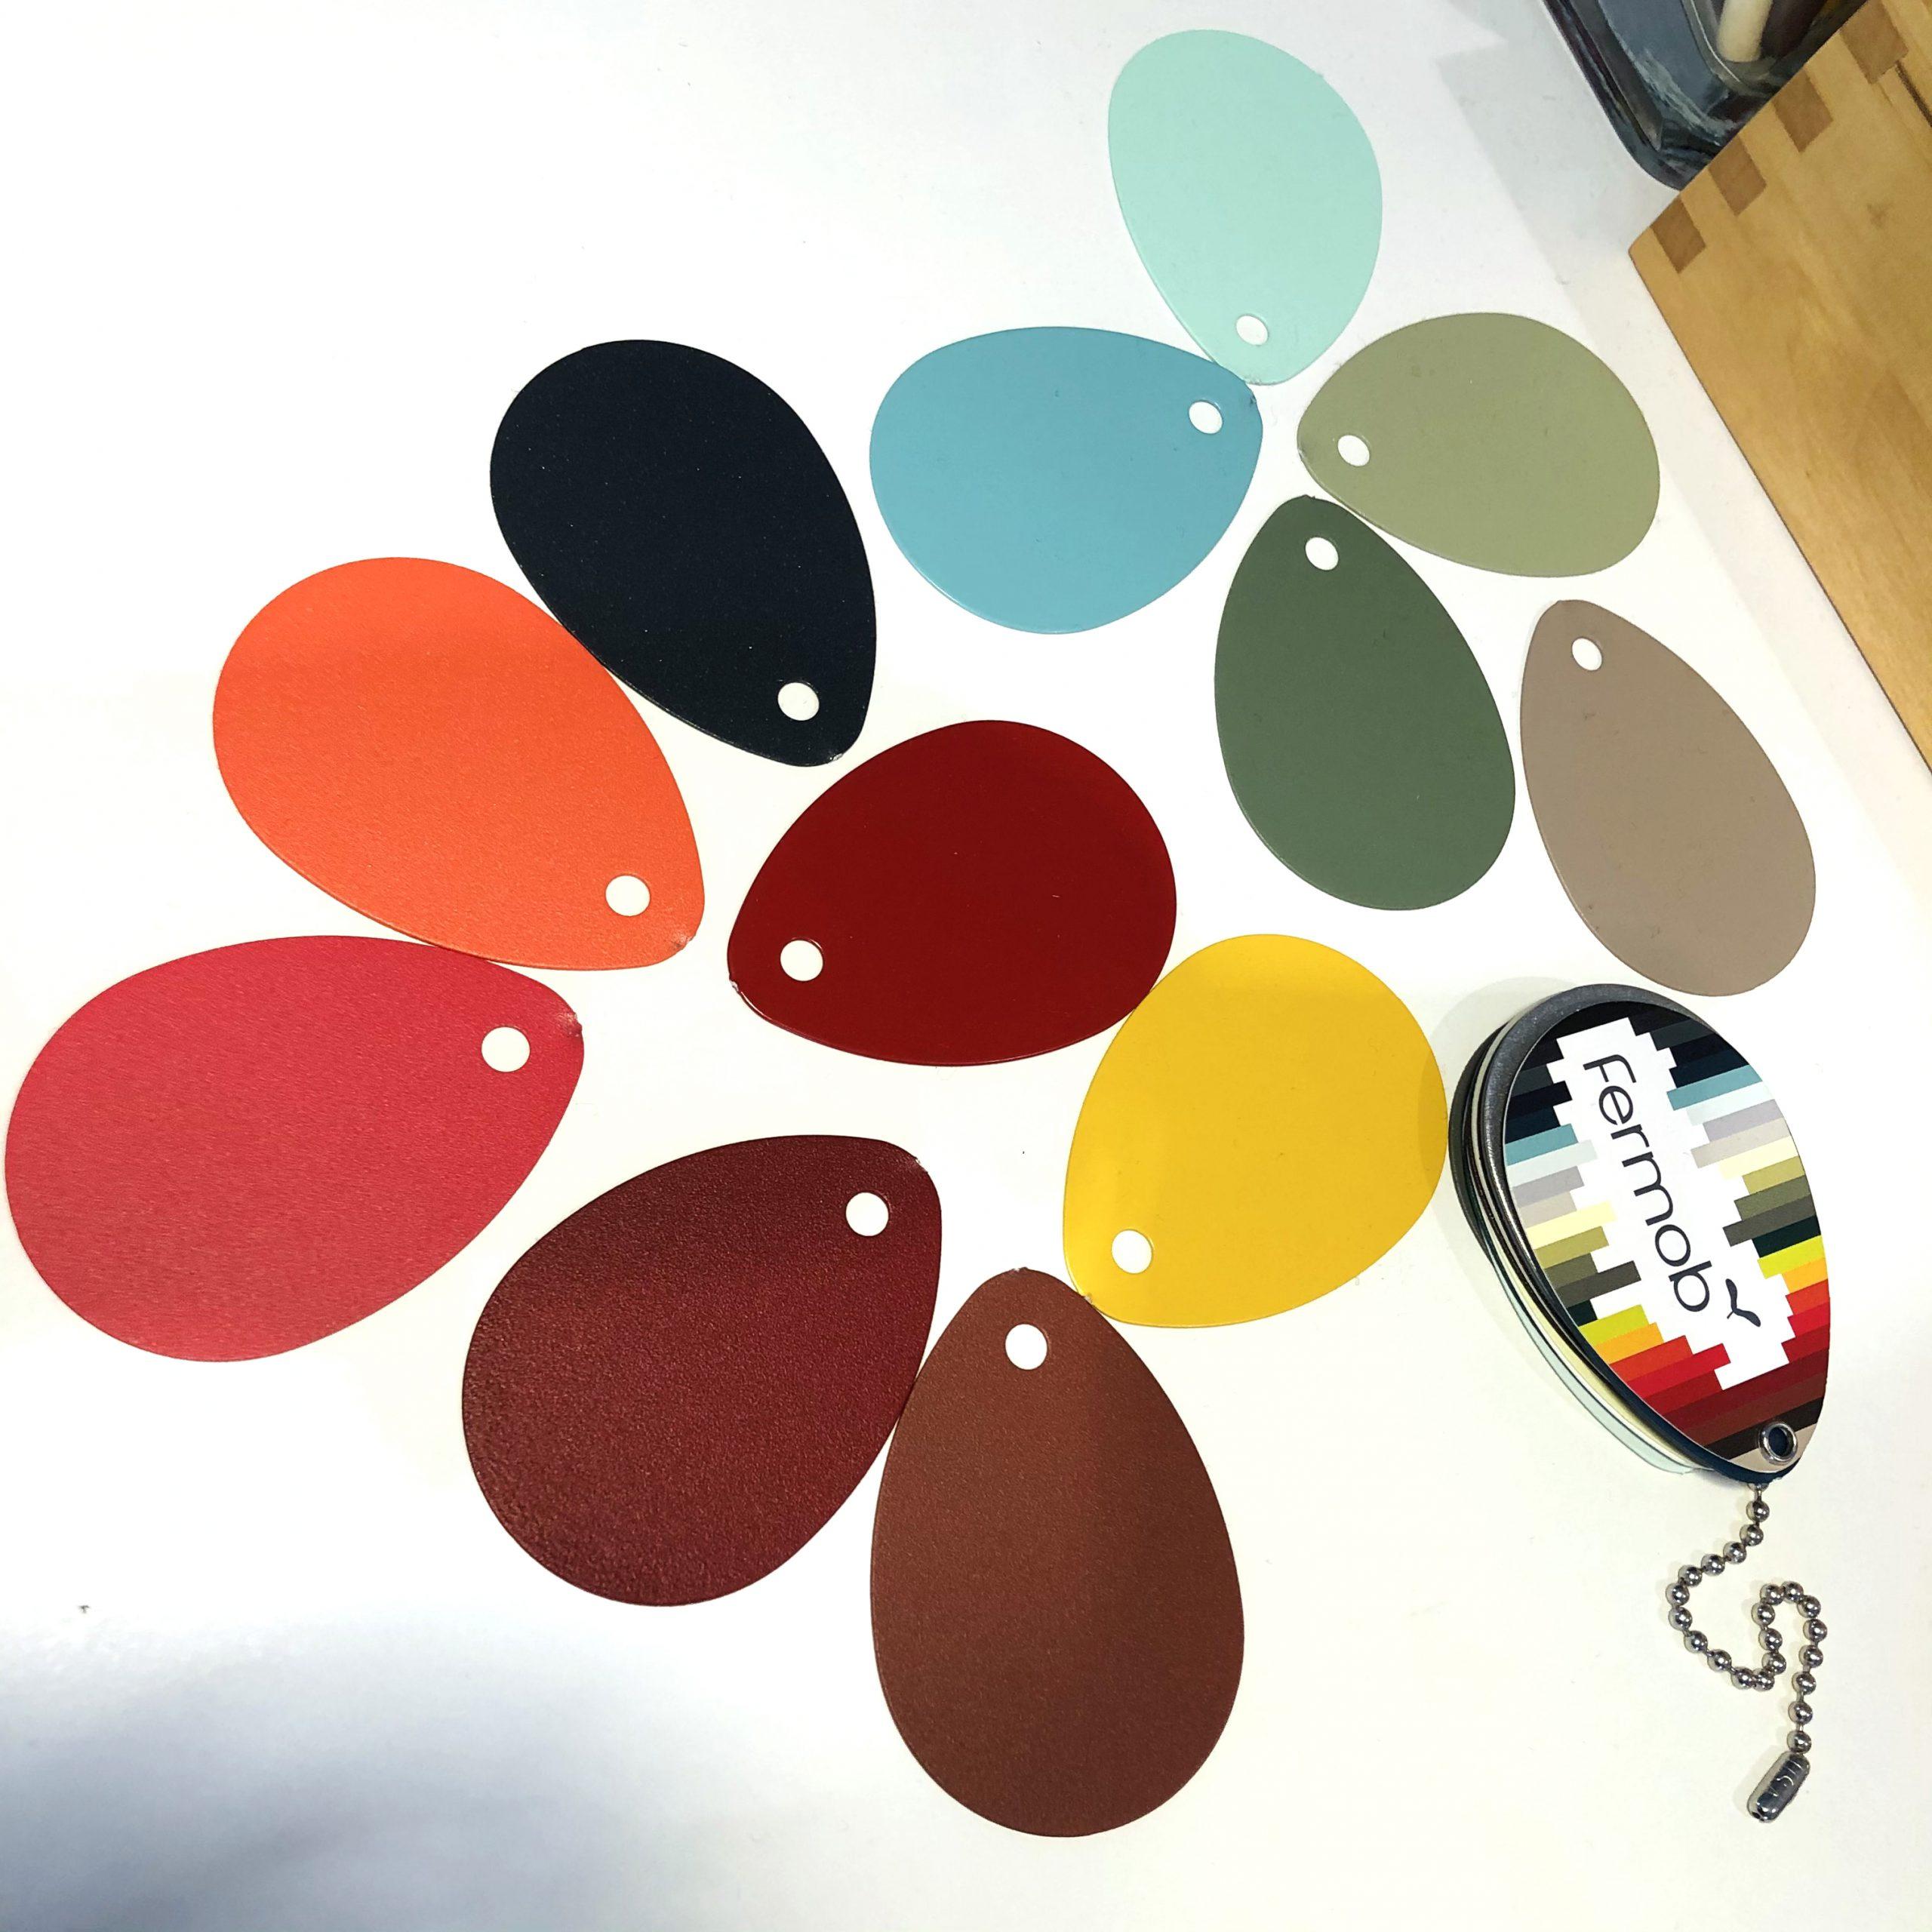 Farbdesign. Mit Kollektionen arbeiten.